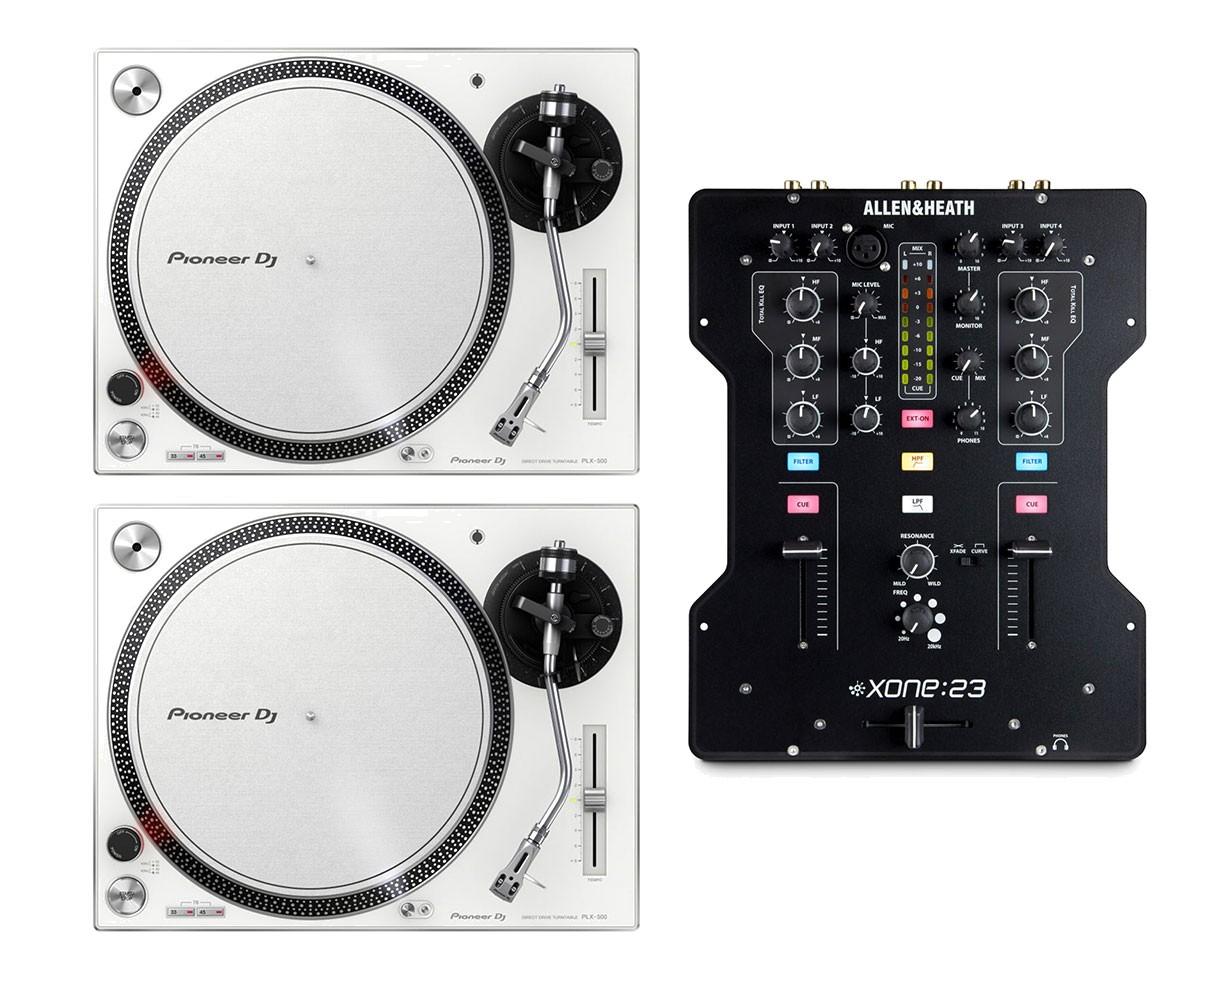 2x Pioneer PLX-500 (White) + Allen & Heath Xone:23